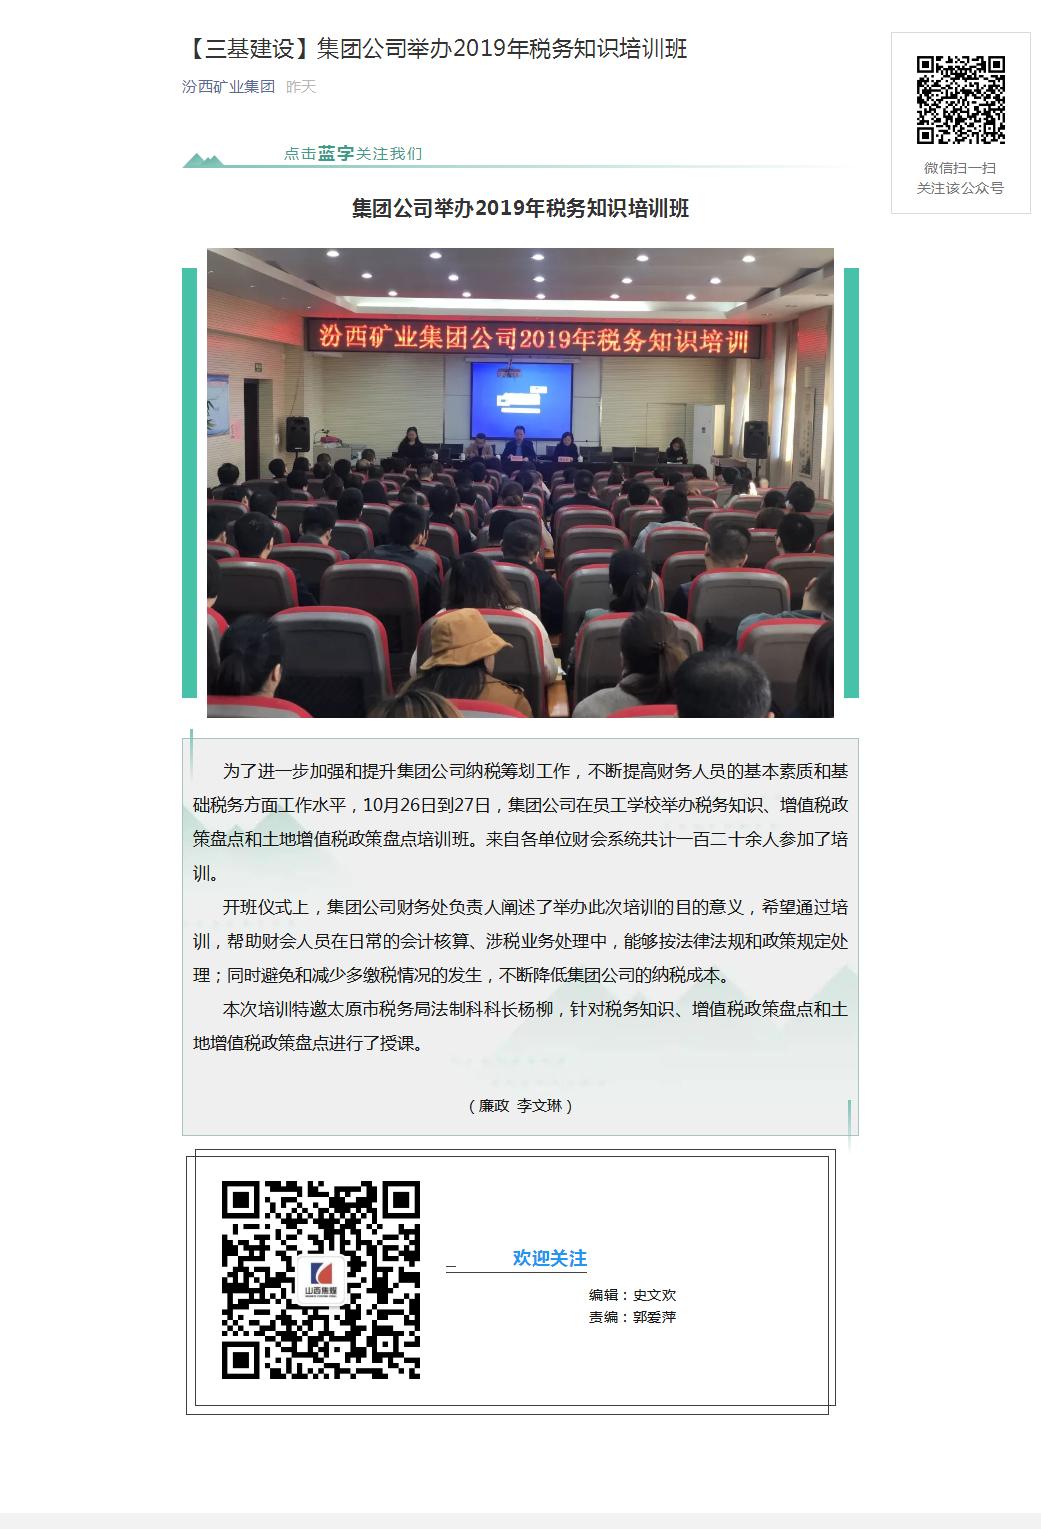 【三基建設】集團公司舉辦2019年稅務知識培訓班.png